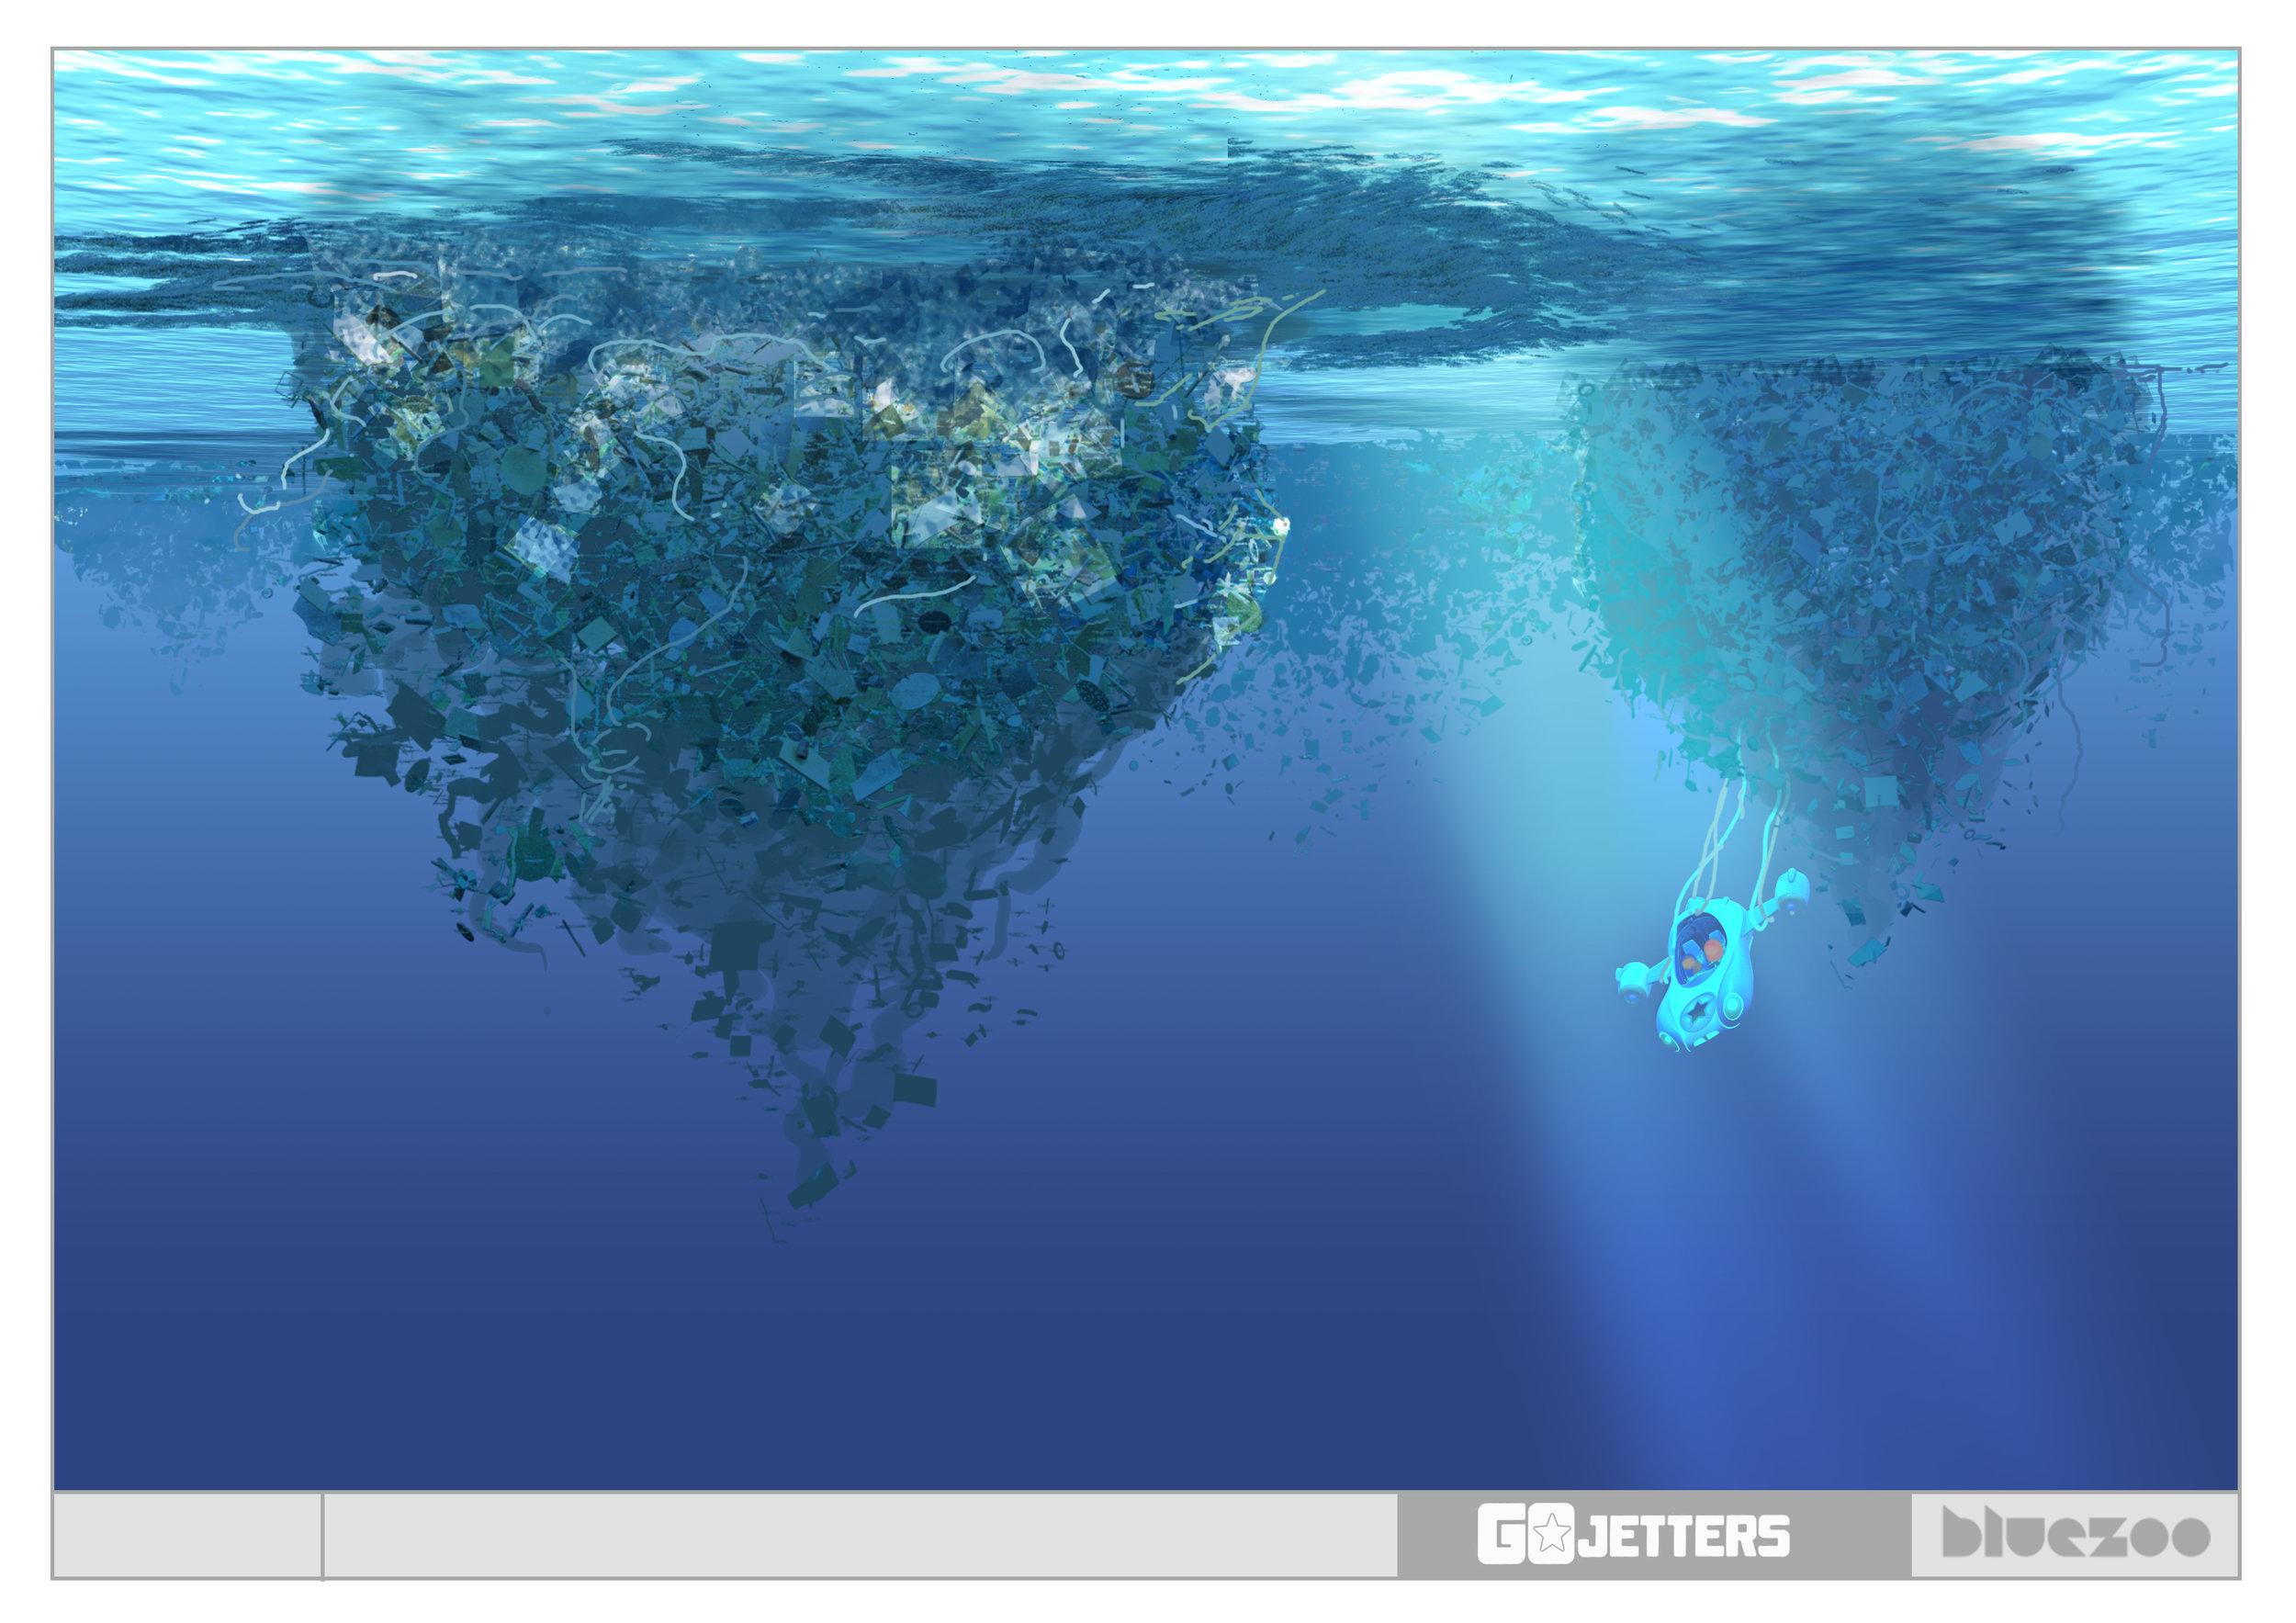 BBCPicture_Underwater_01.jpg